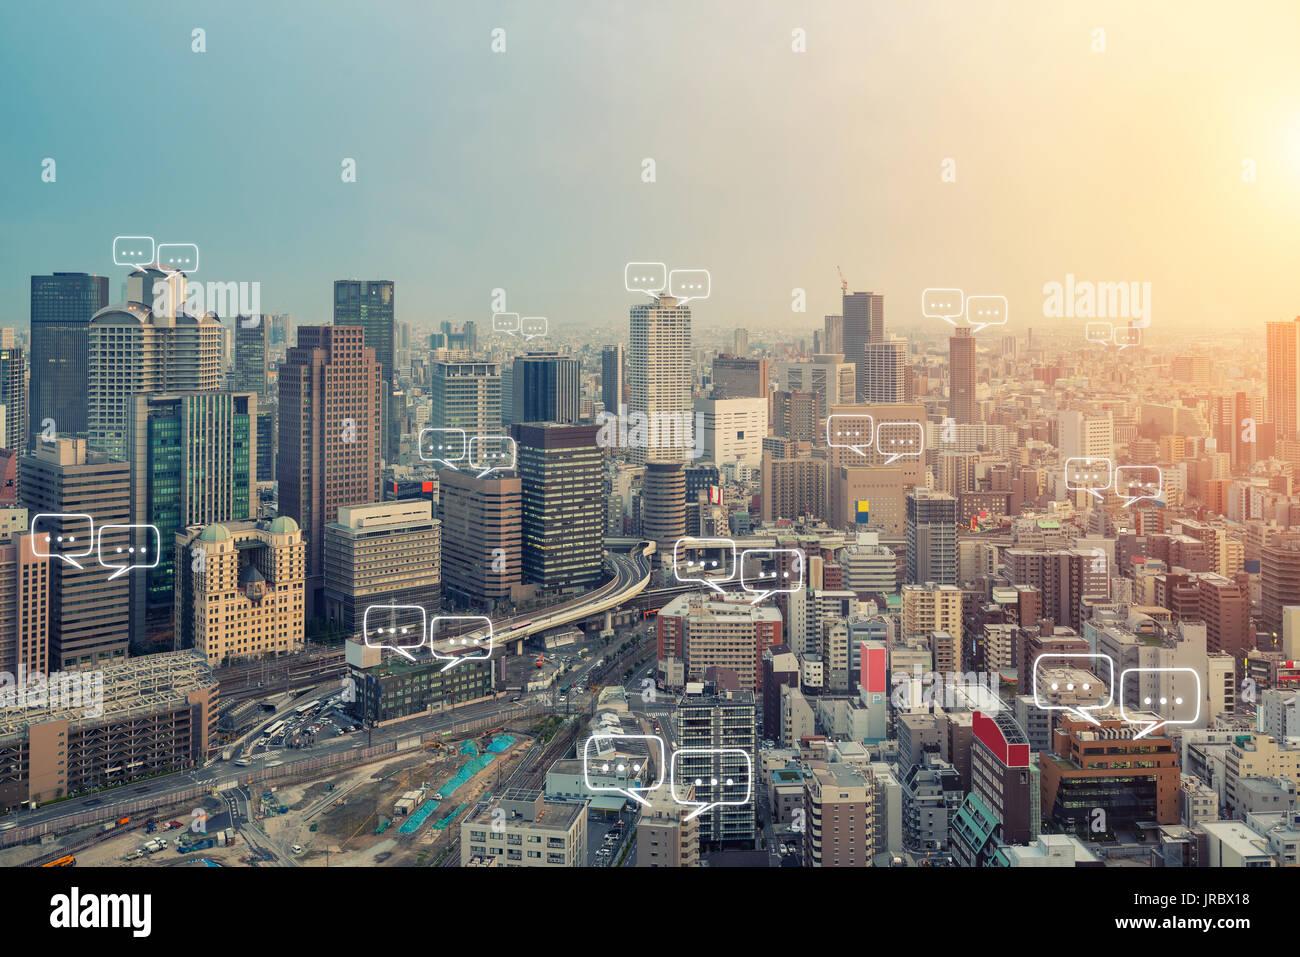 Espace blanc pour le texte sur la ville d'Osaka et de la sphère de communication. chat La technologie et de la communication Banque D'Images